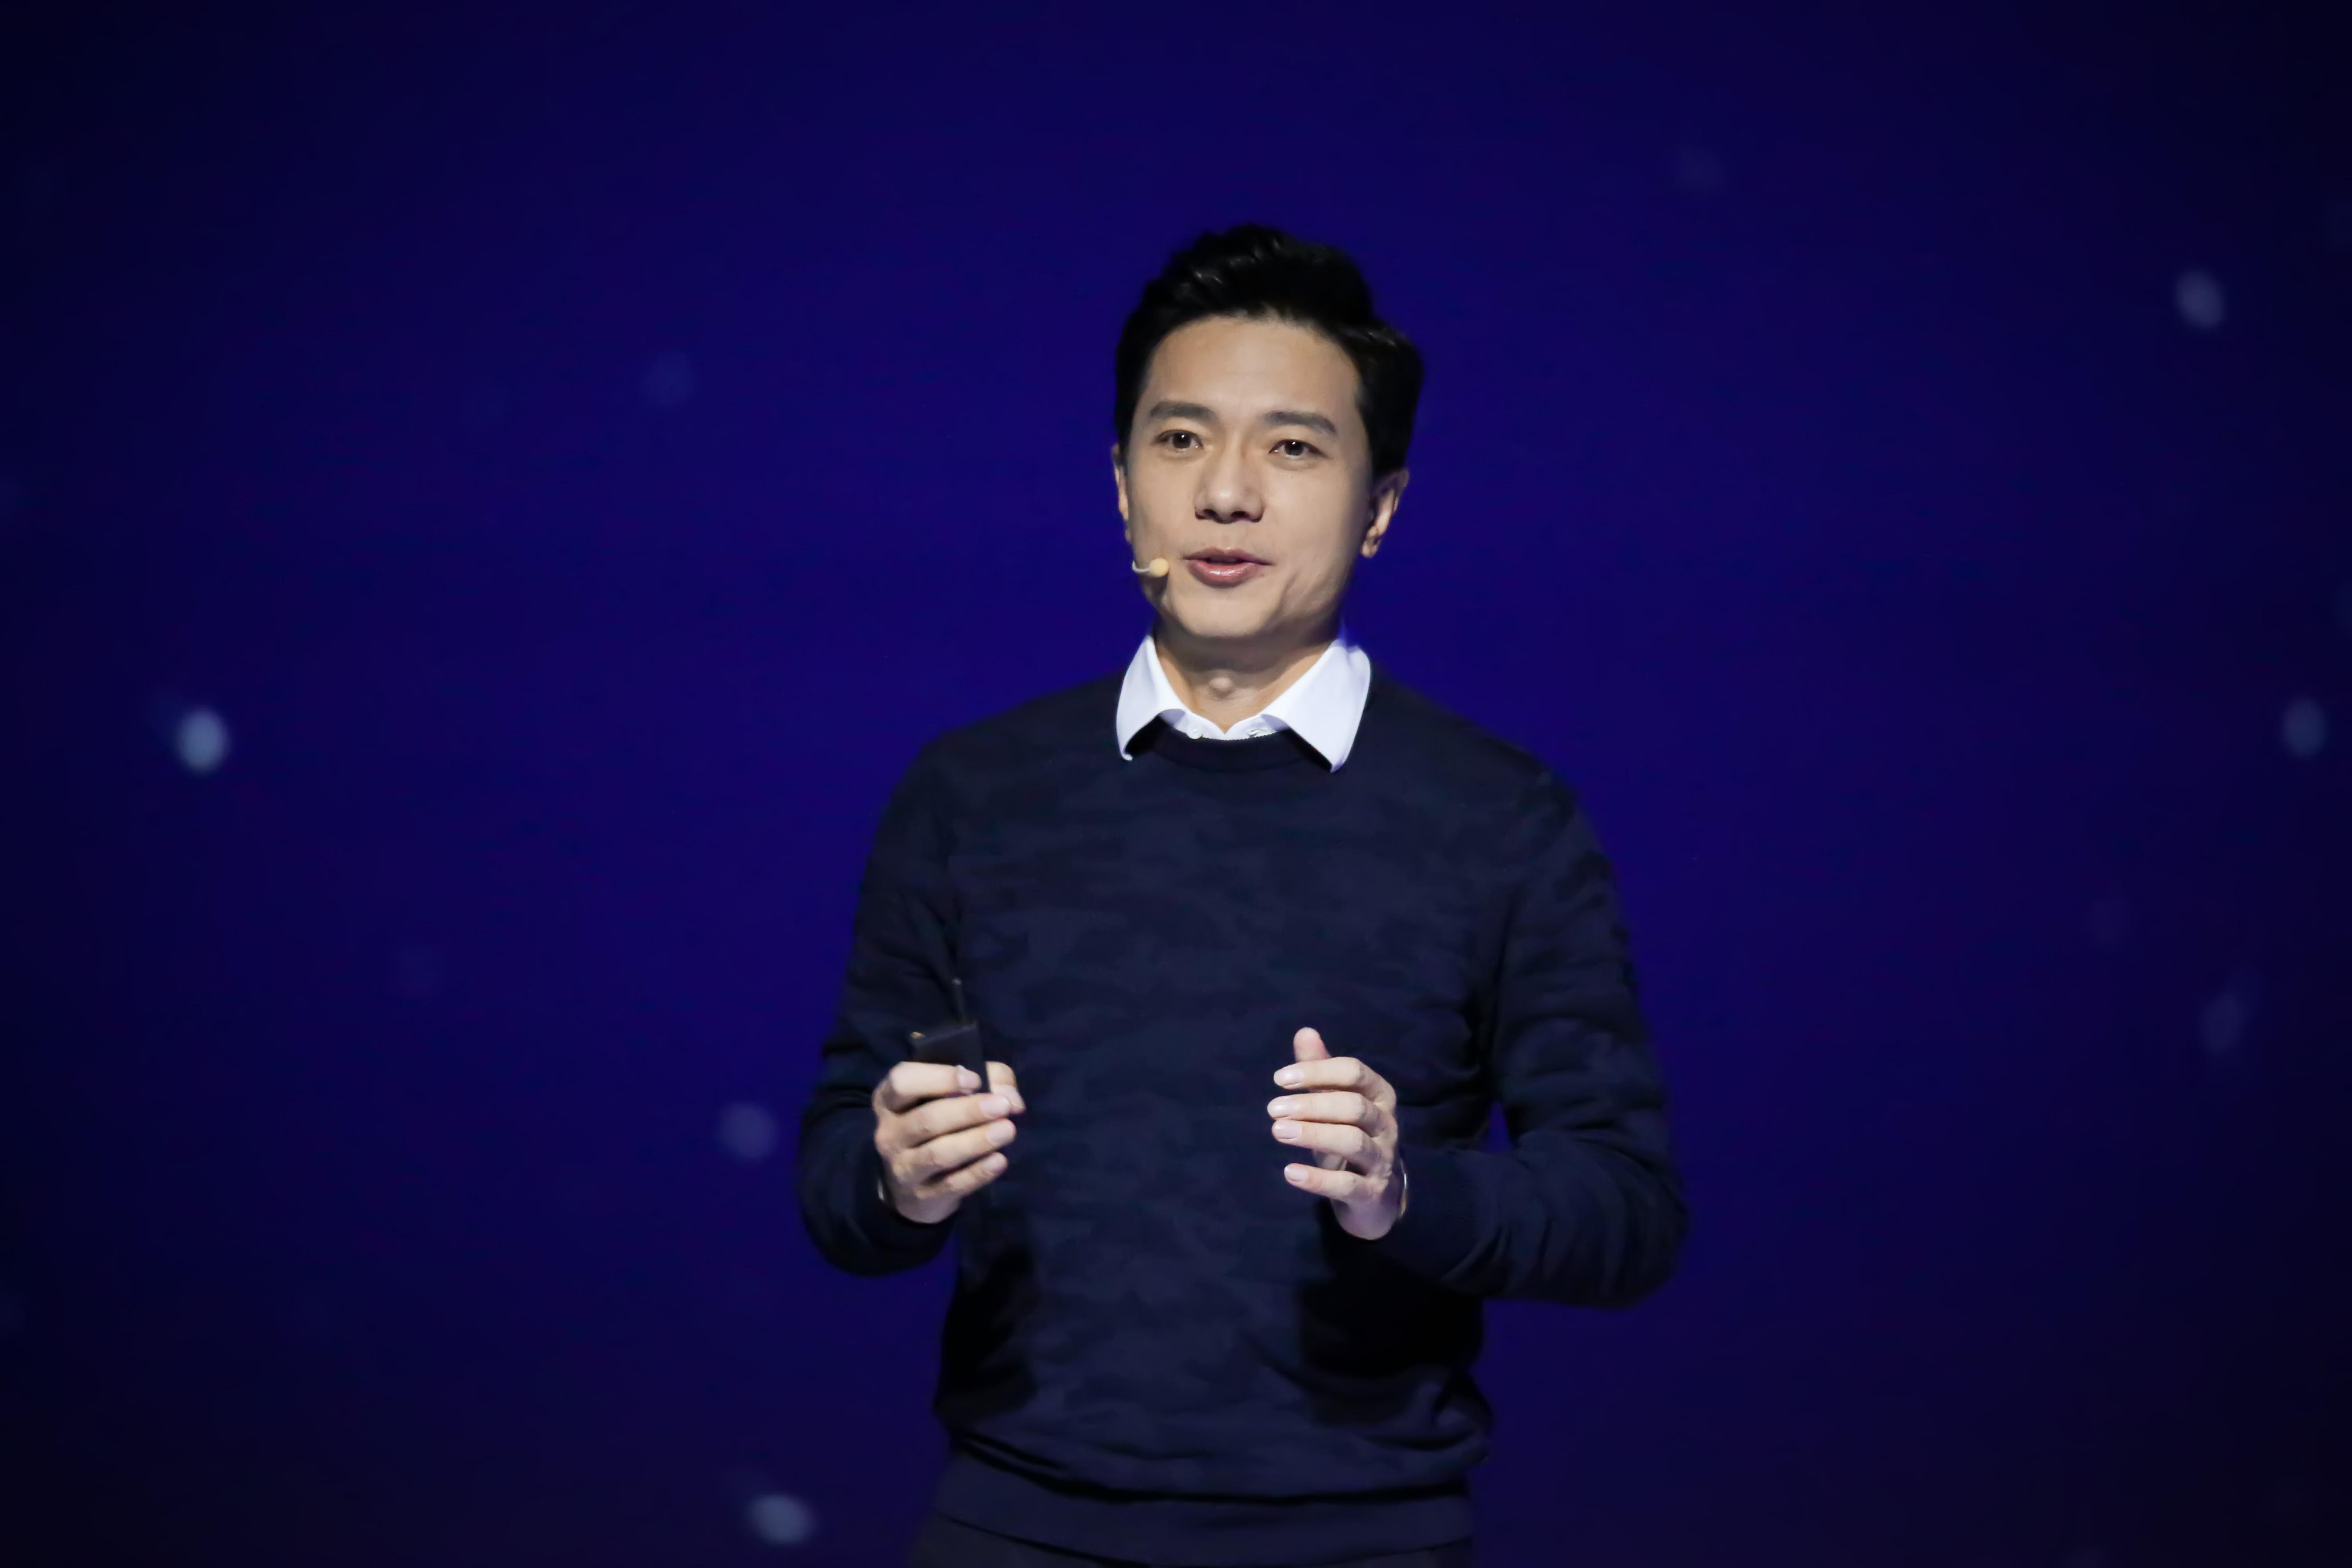 李彦宏:过去百度更懂中文 今天百度更懂你